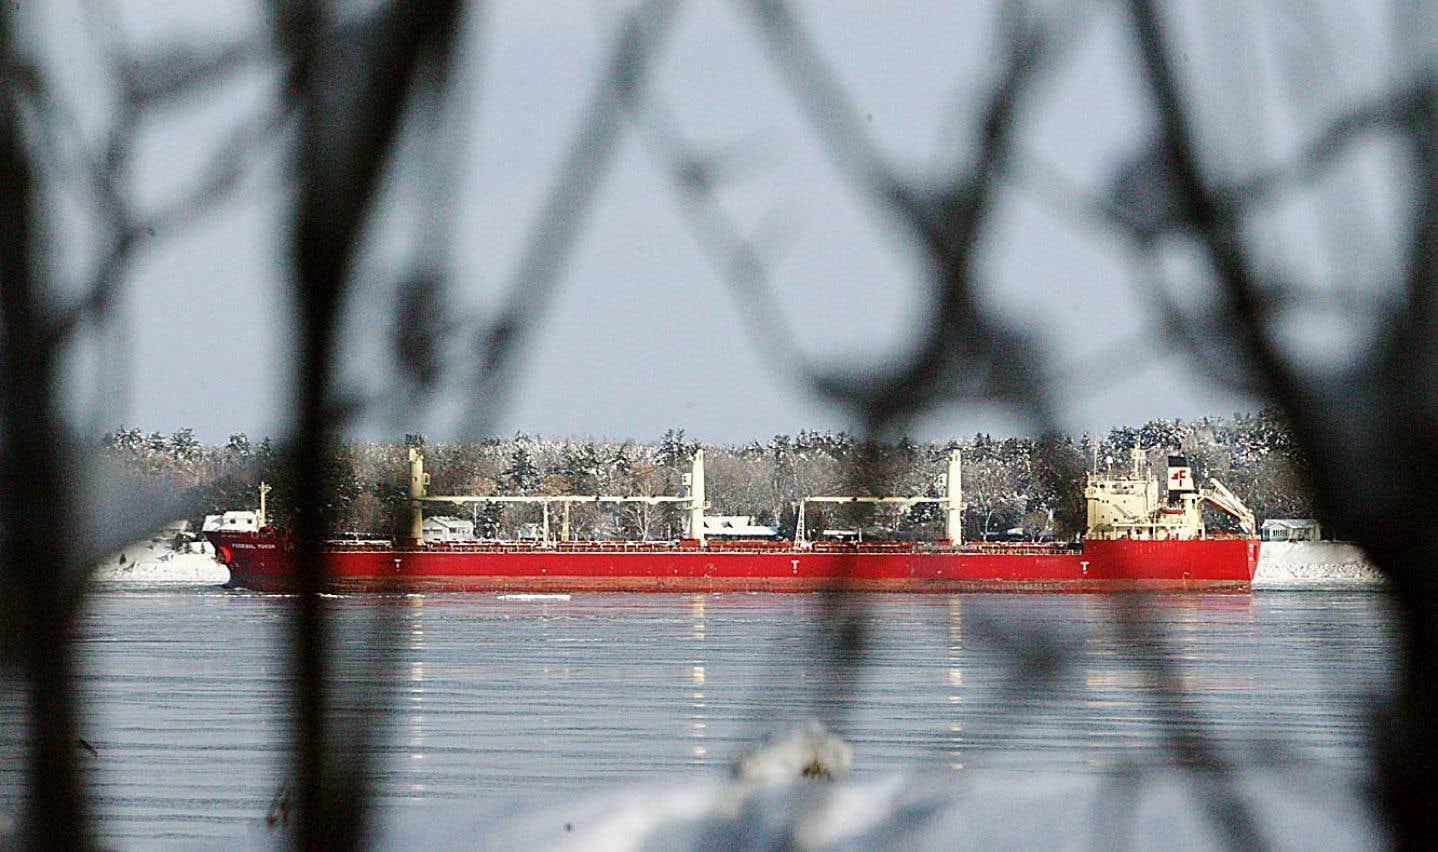 Coup sur coup, en 2012, les conservateurs ont, de l'avis de plusieurs scientifiques et écologistes, «mis la hache» dans des lois environnementales cruciales au Canada.